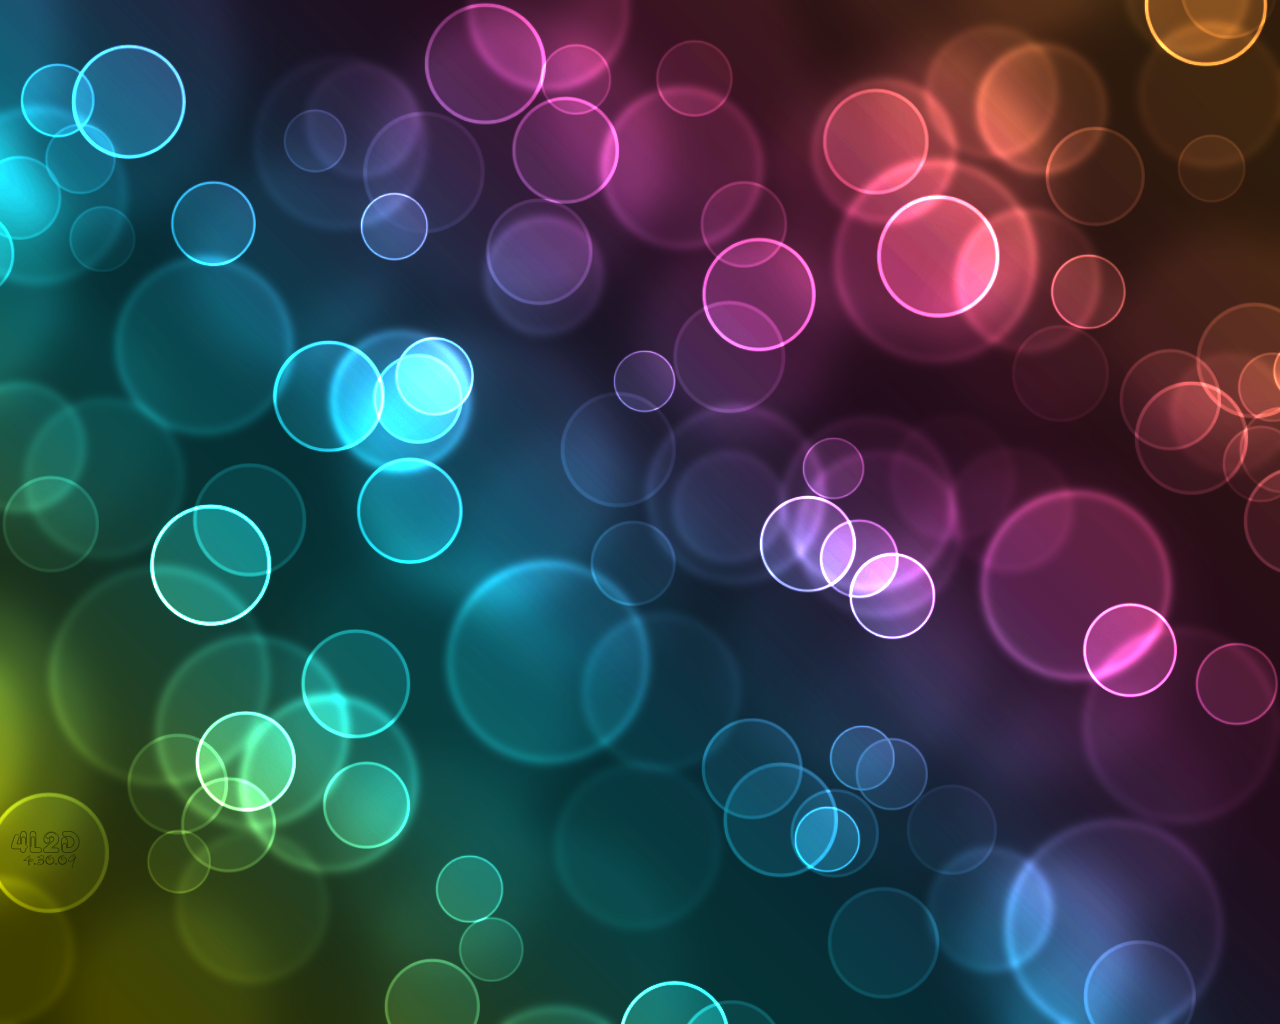 Bubble Wallpaper Bubble Desktop Background 1280x1024